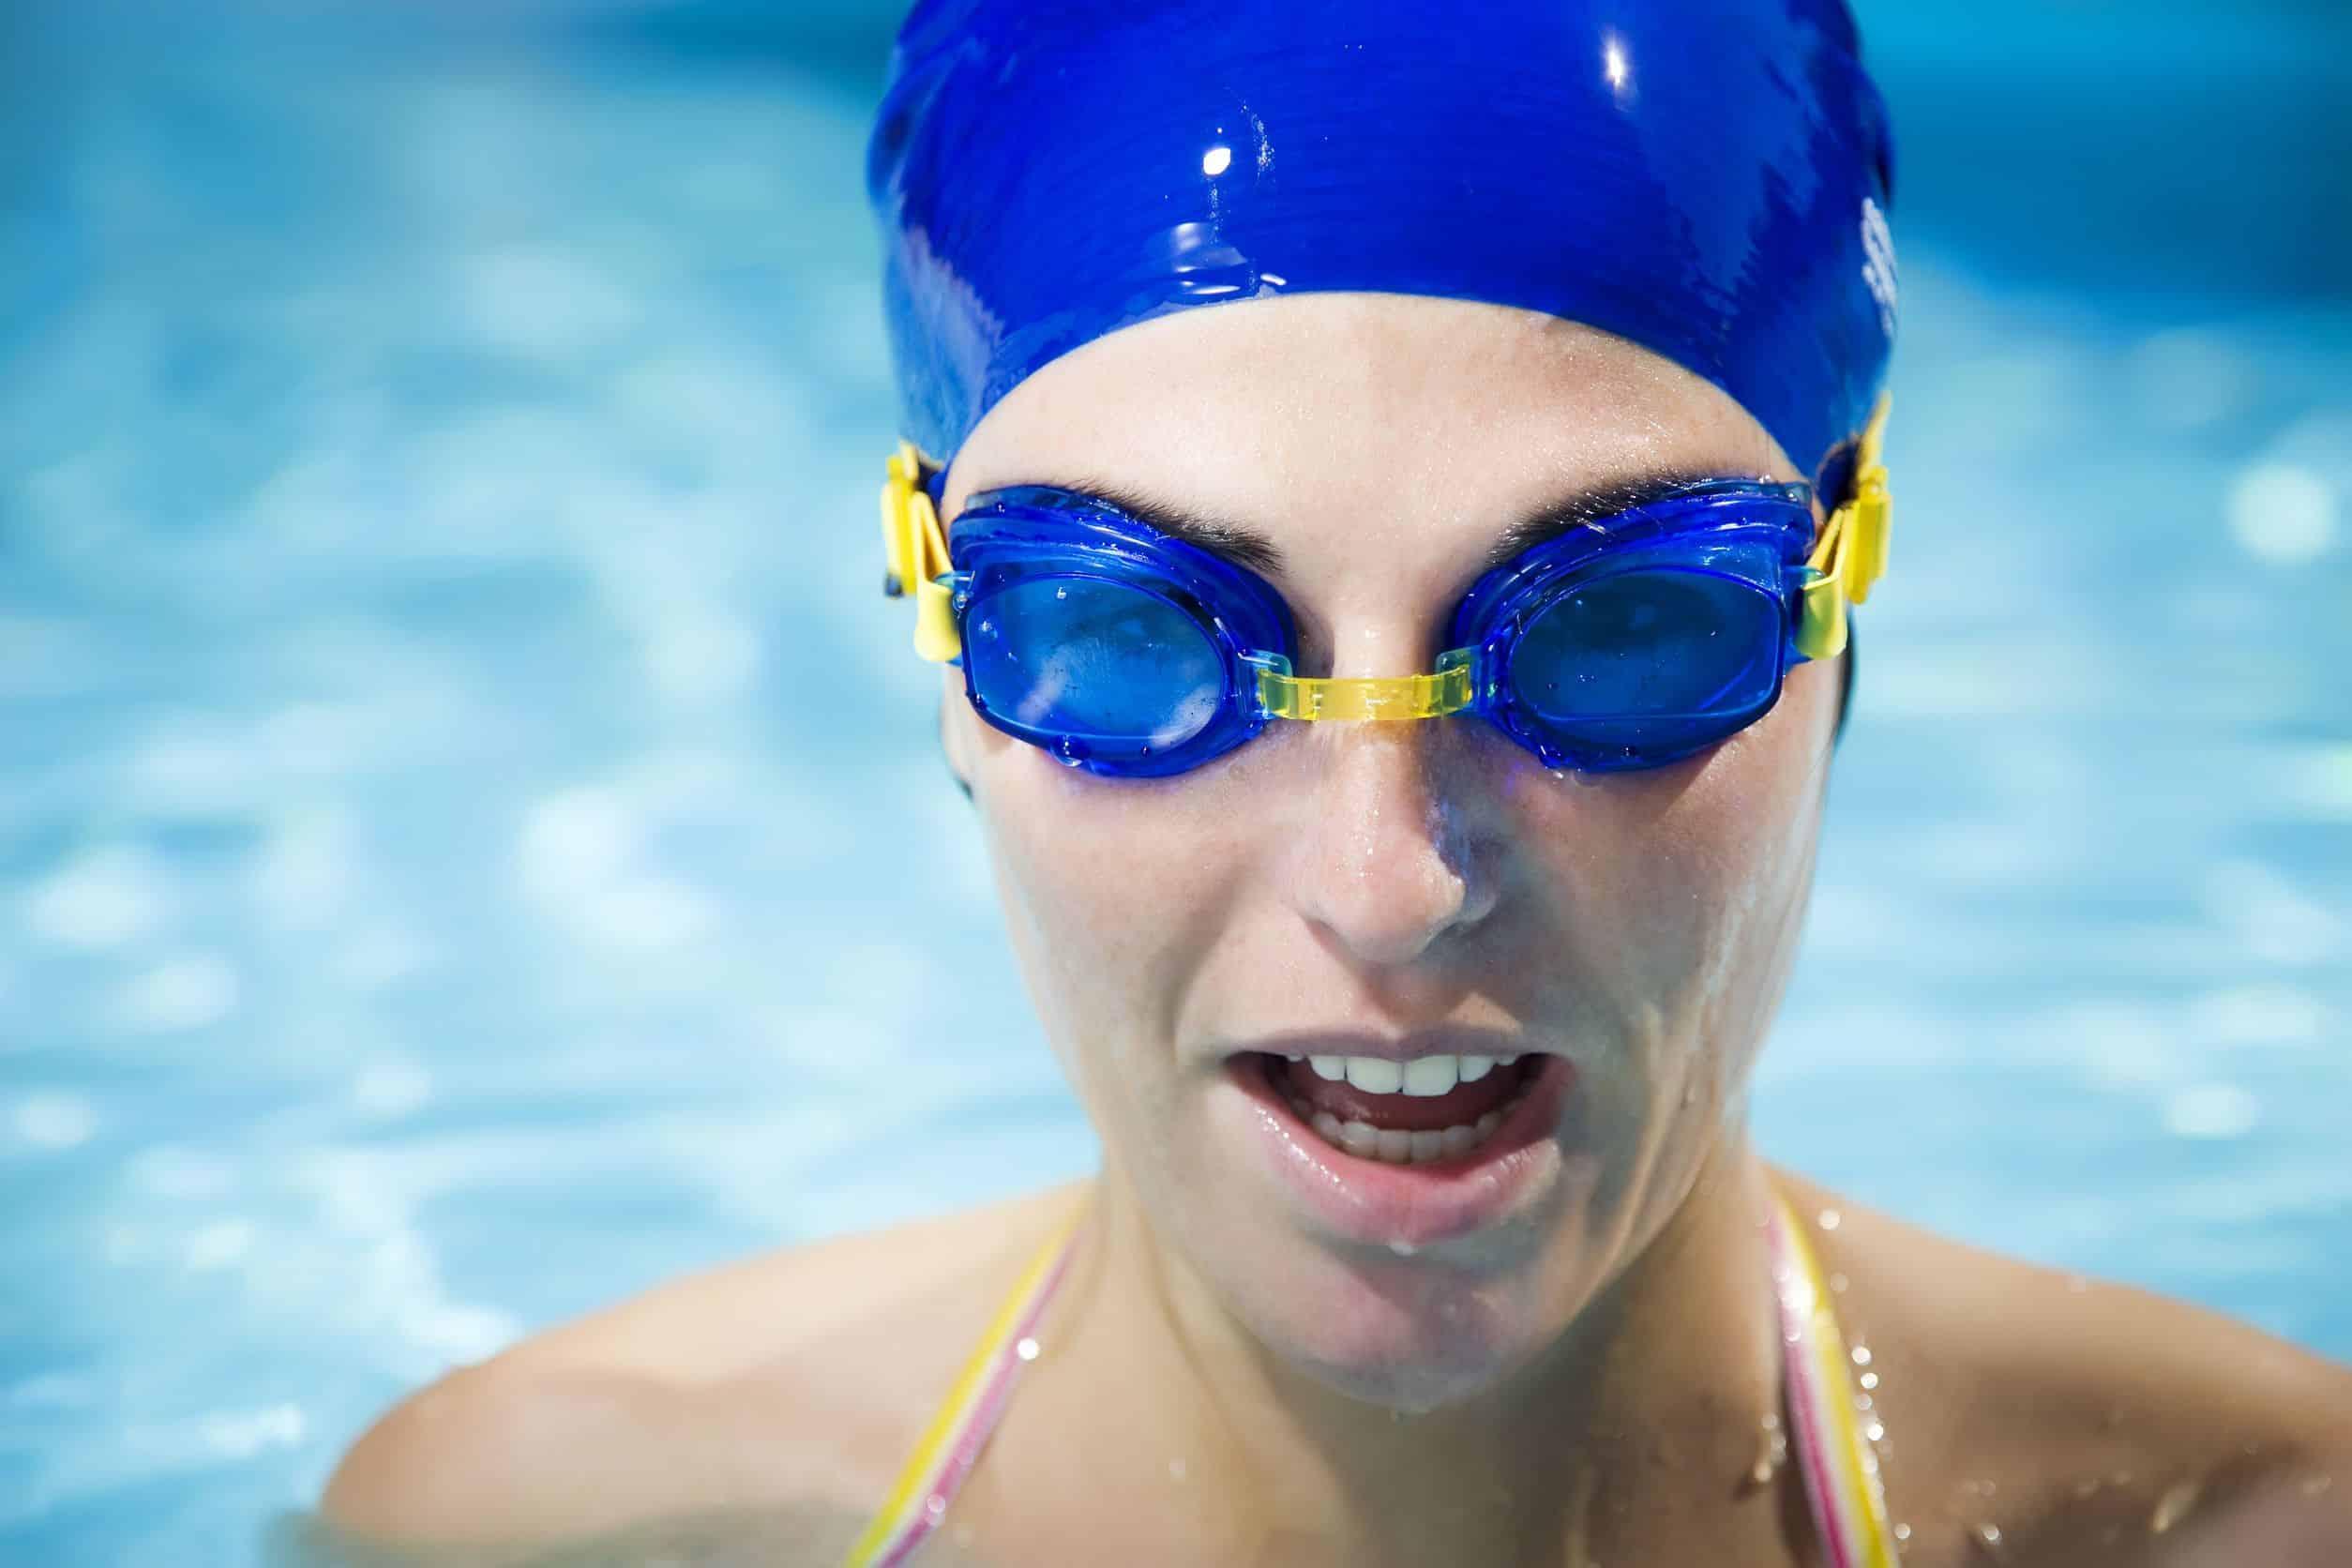 Zwembril: Wat zijn de beste zwembrillen van 2020?